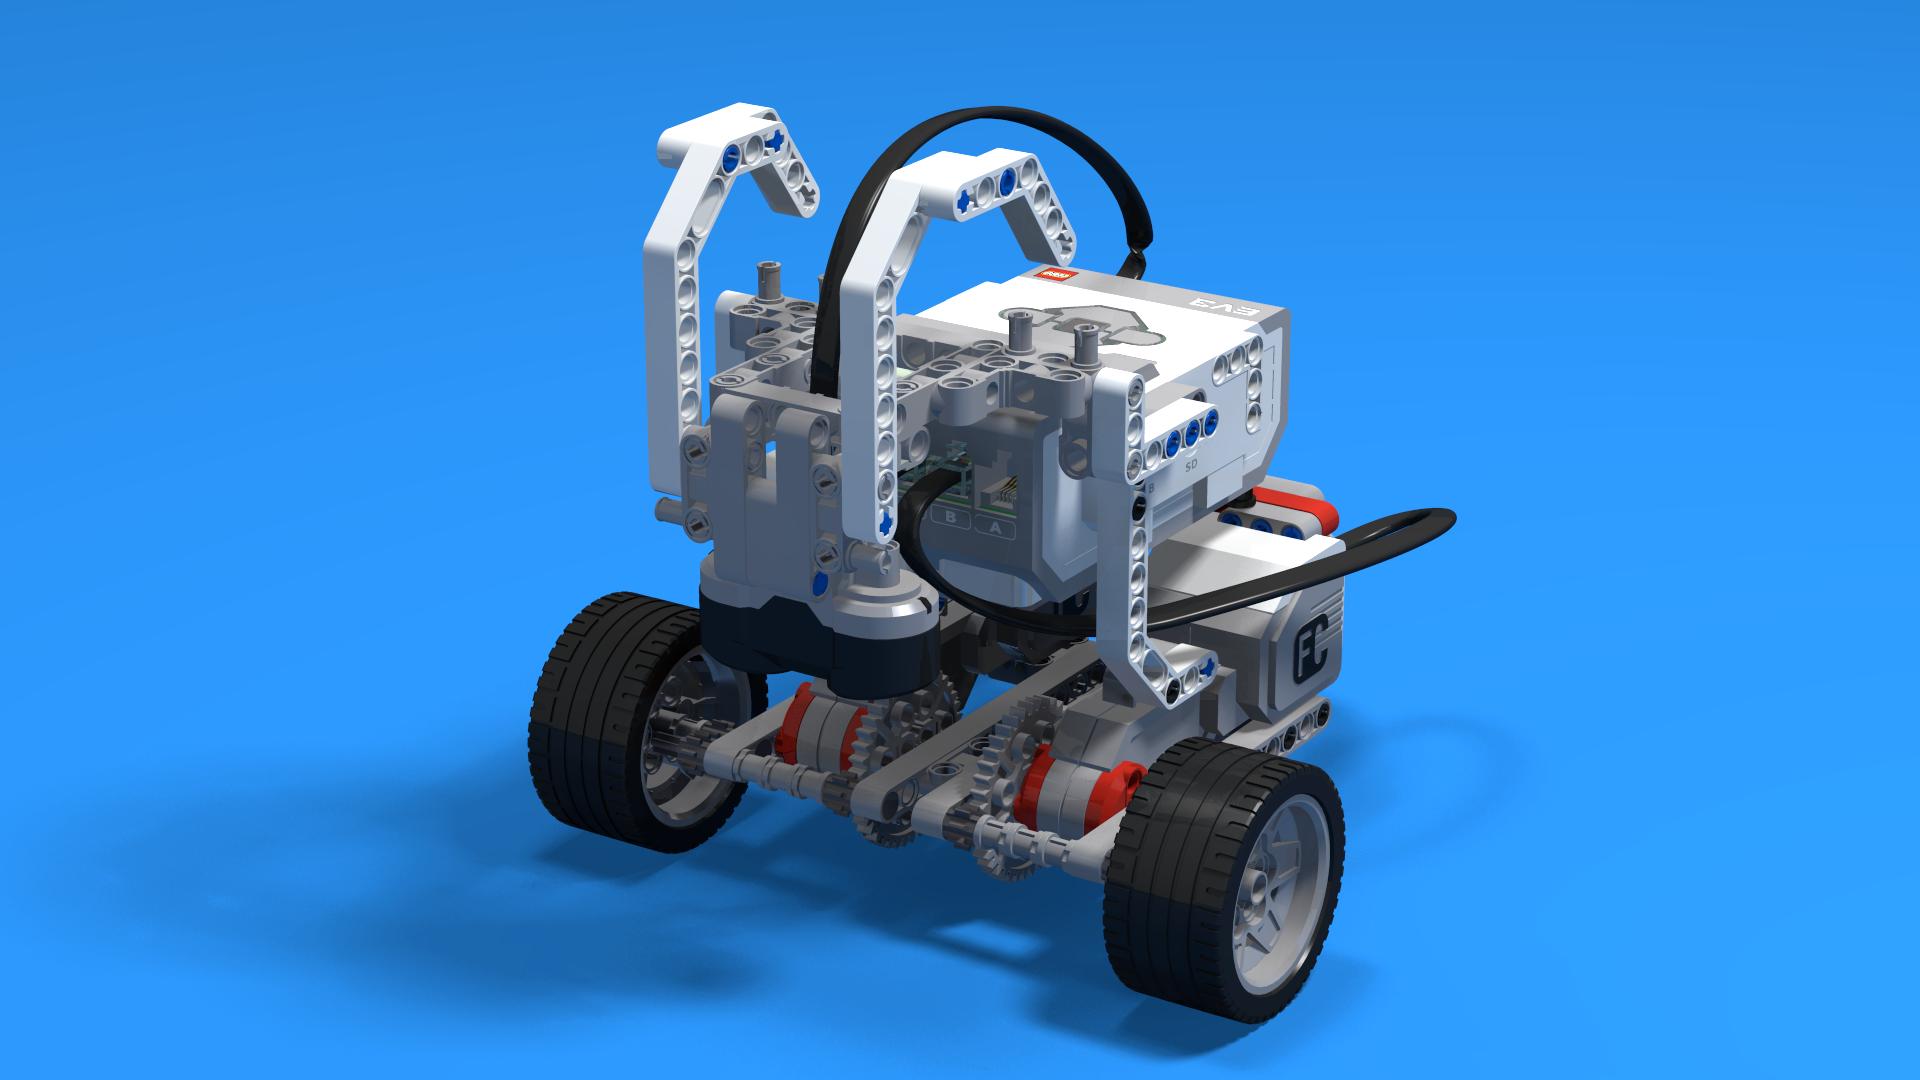 Hrutur - a LEGO Mindstorms EV3 Ram robot